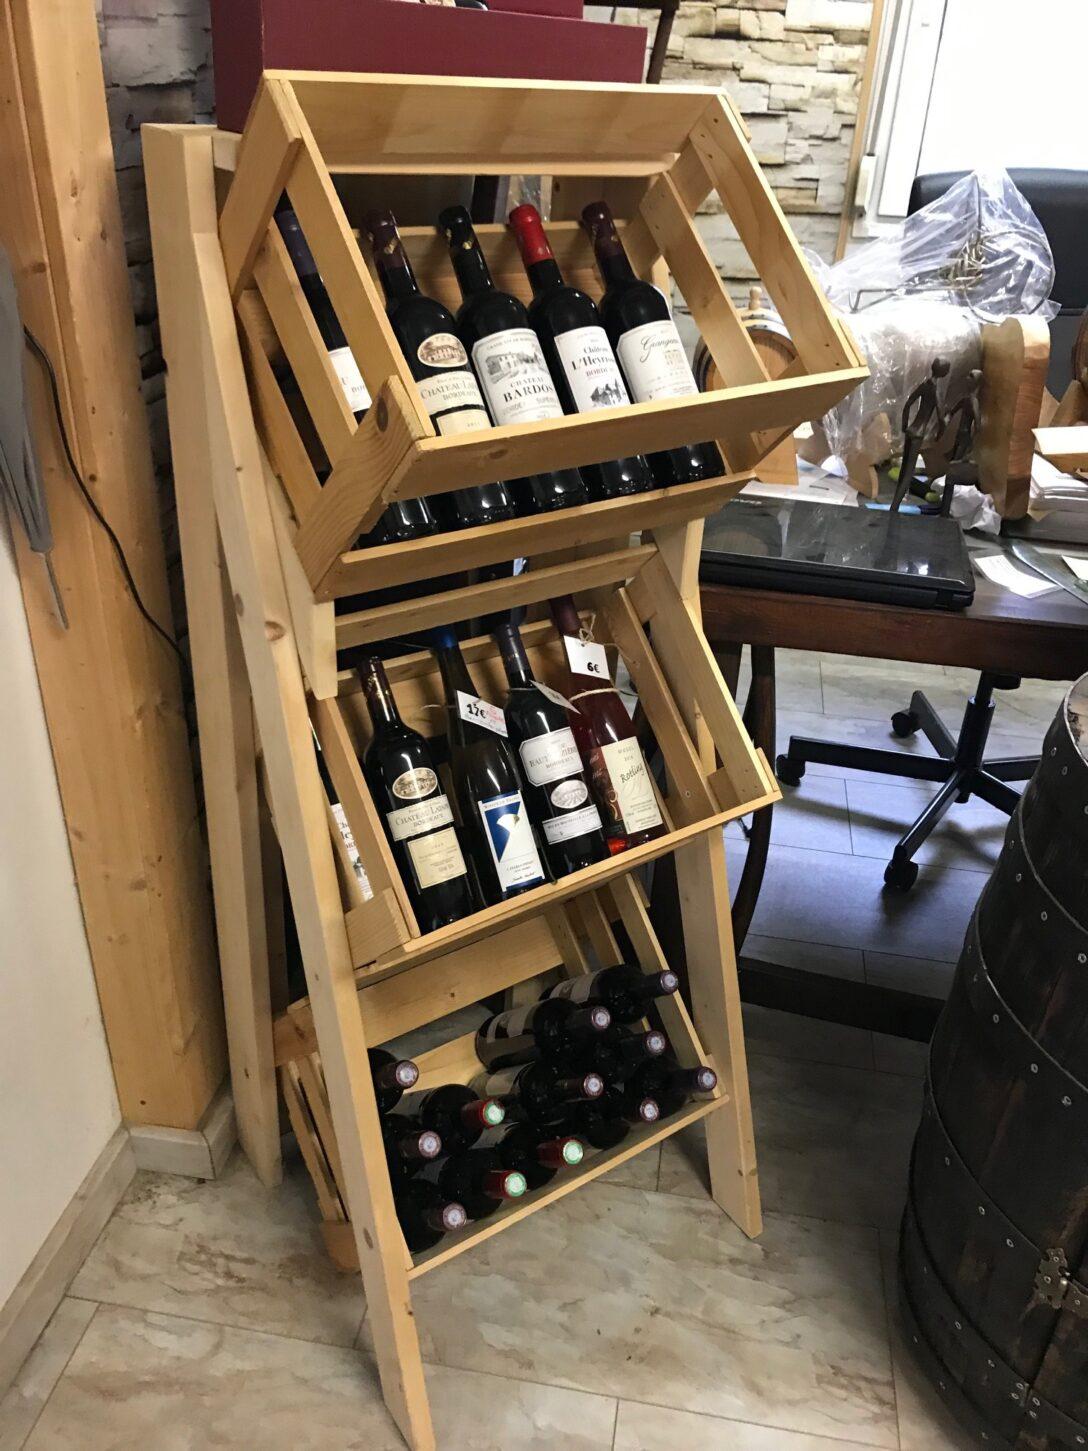 Large Size of Weinregal Kare Design Metall Klein Kallax Schwarz Weinregale Schweiz Ikea Flammen 3 Er Weinkiste Aufsteller Aus Neuen Abgeschliffenen Holz Regal Schräge Regal Wein Regal